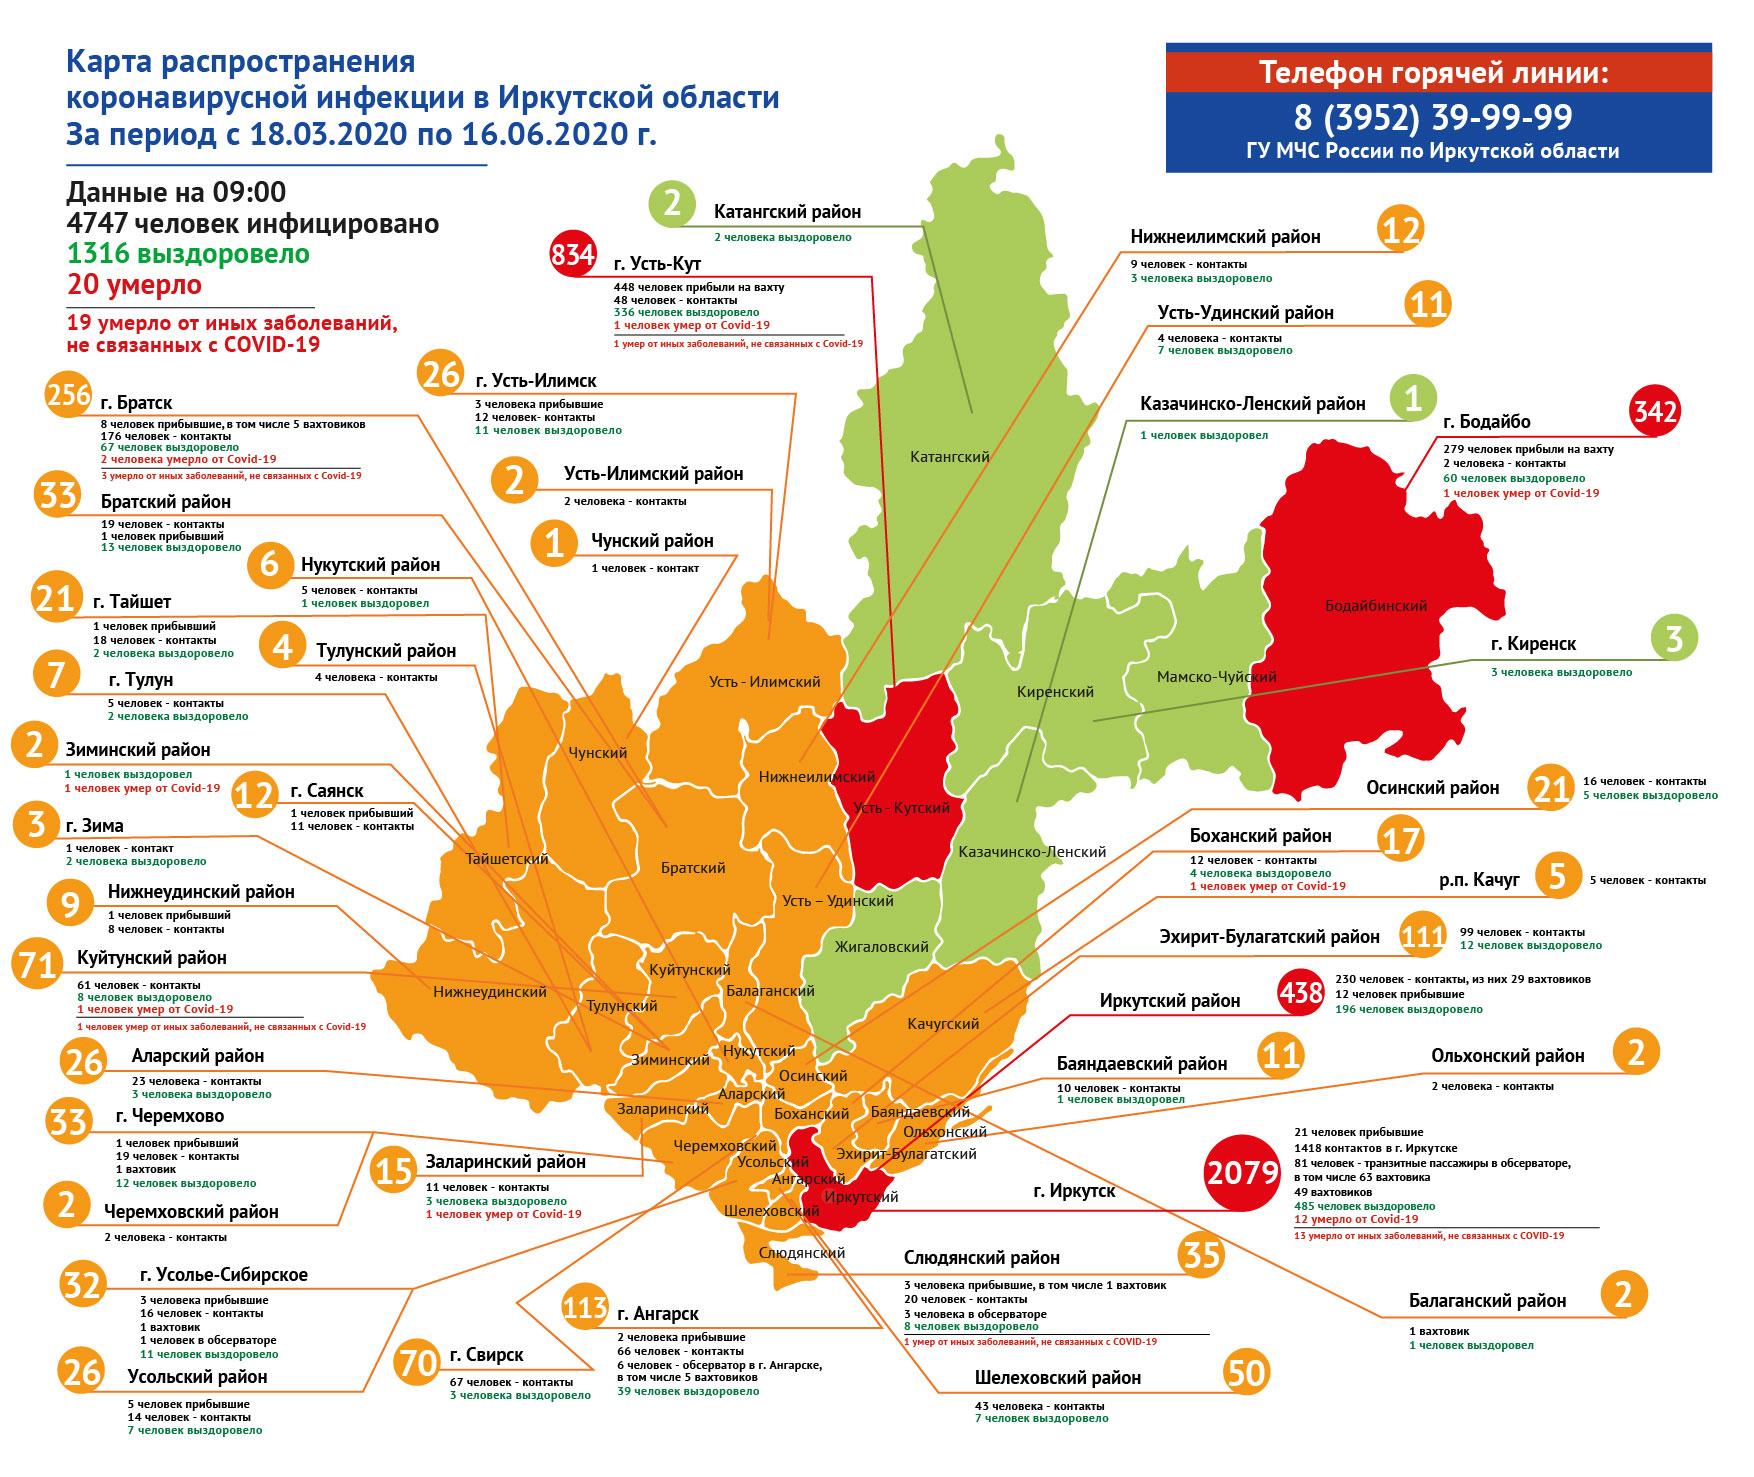 География распространения COVID-19 по области 16 июня 2020 года